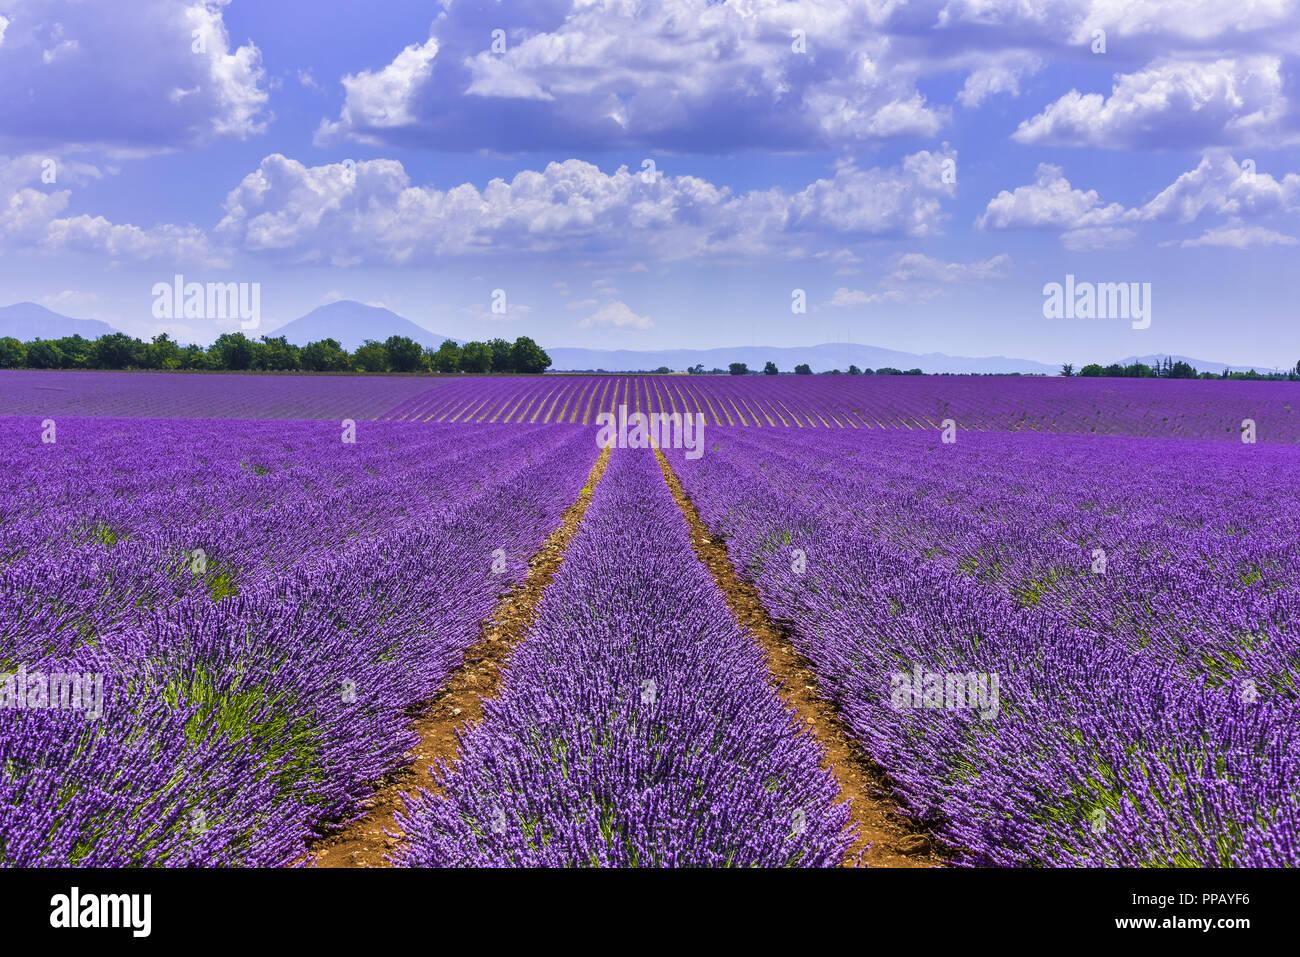 Champs de lavande d'atteindre à l'horizon près de Valensole, Provence, France, département Bouches-du-Rhône, région Provence-Alpes-Côte d'Azur Photo Stock